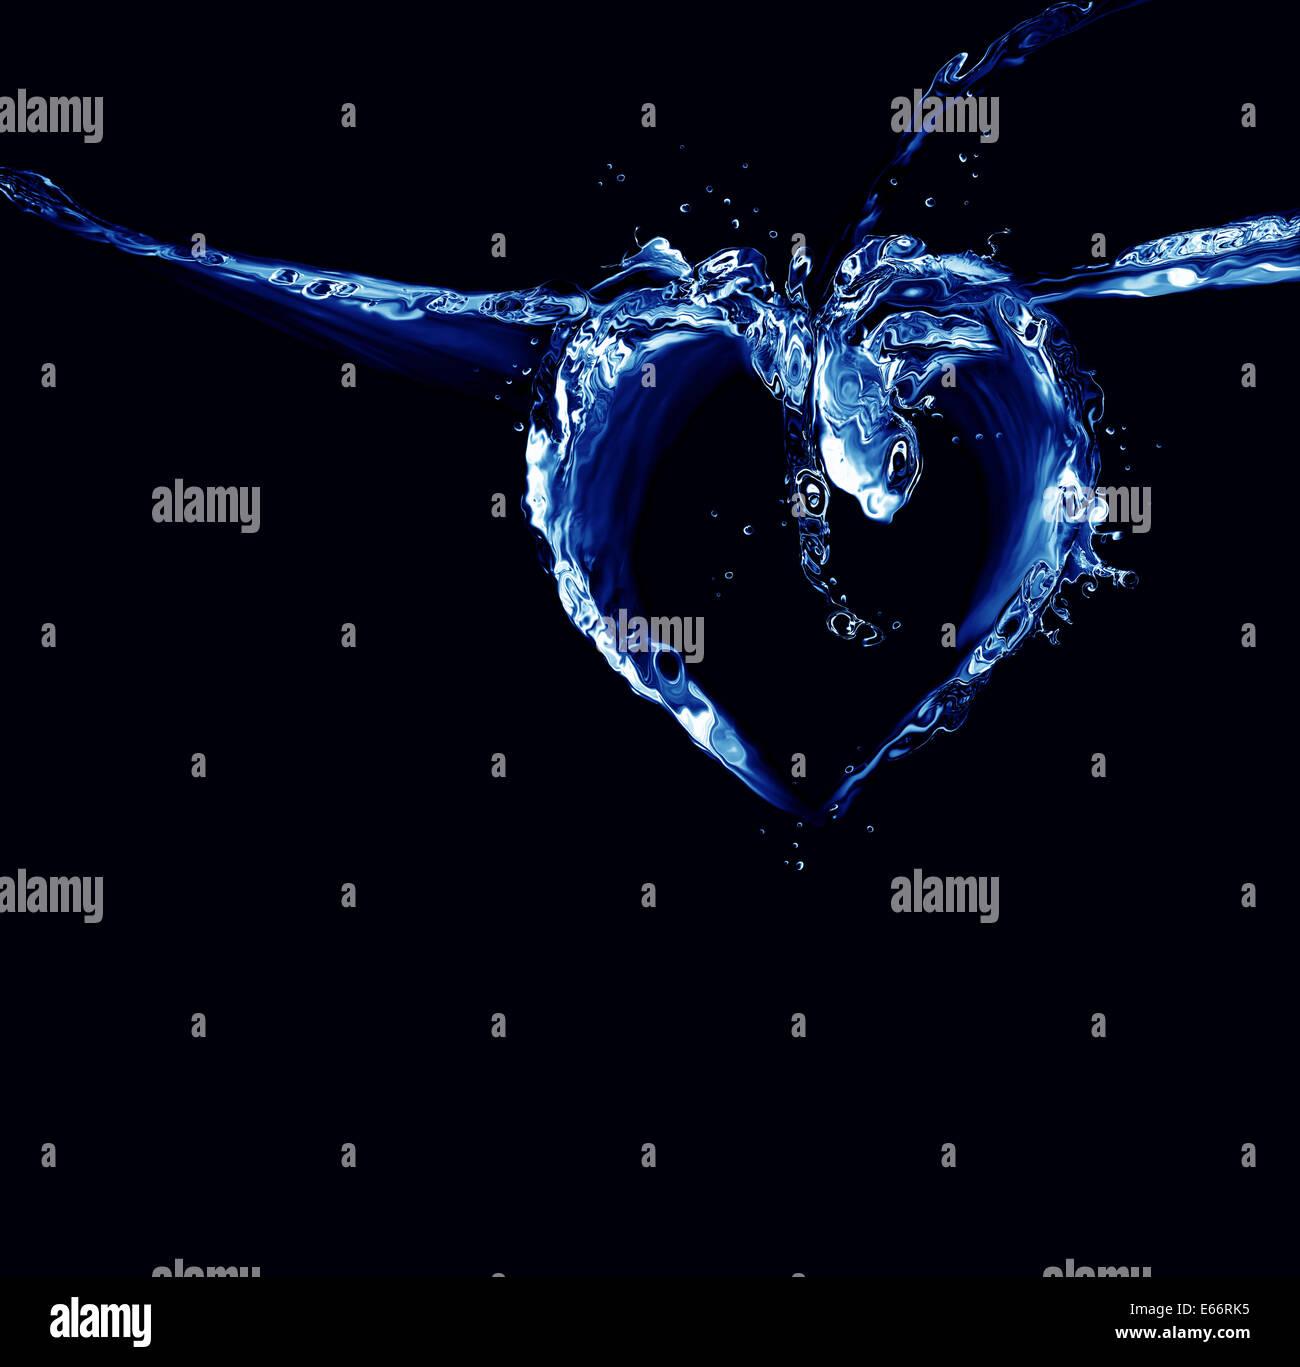 Un cœur fait de liquide bleu sur noir. Photo Stock